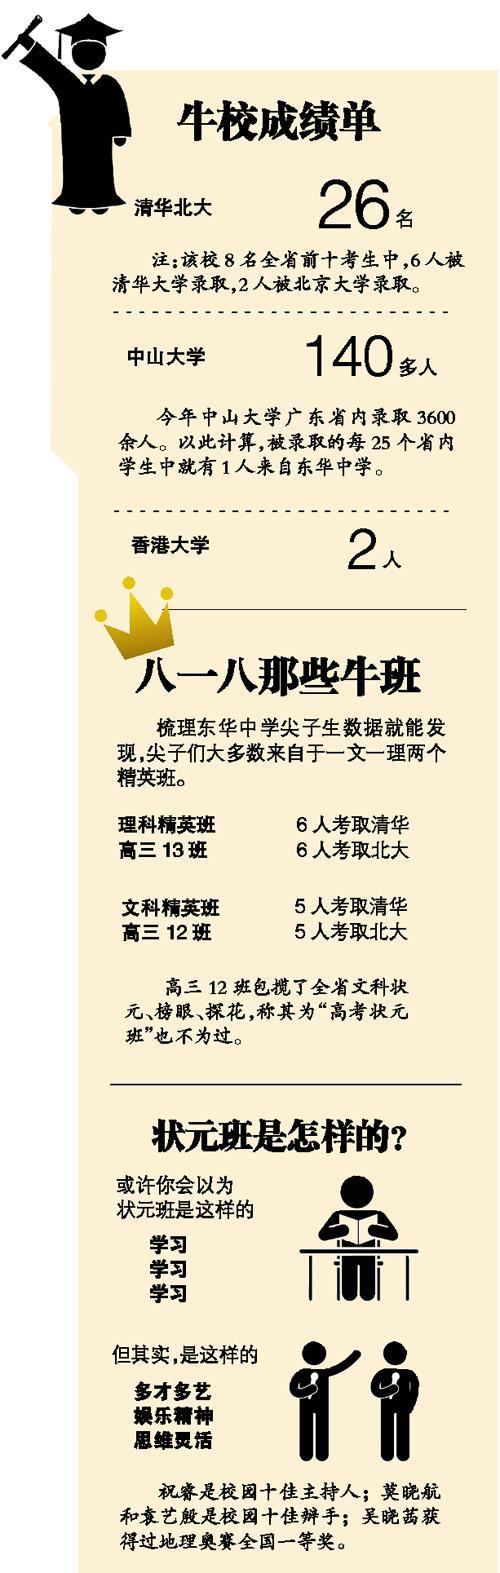 广东一高中26人考上北大清华